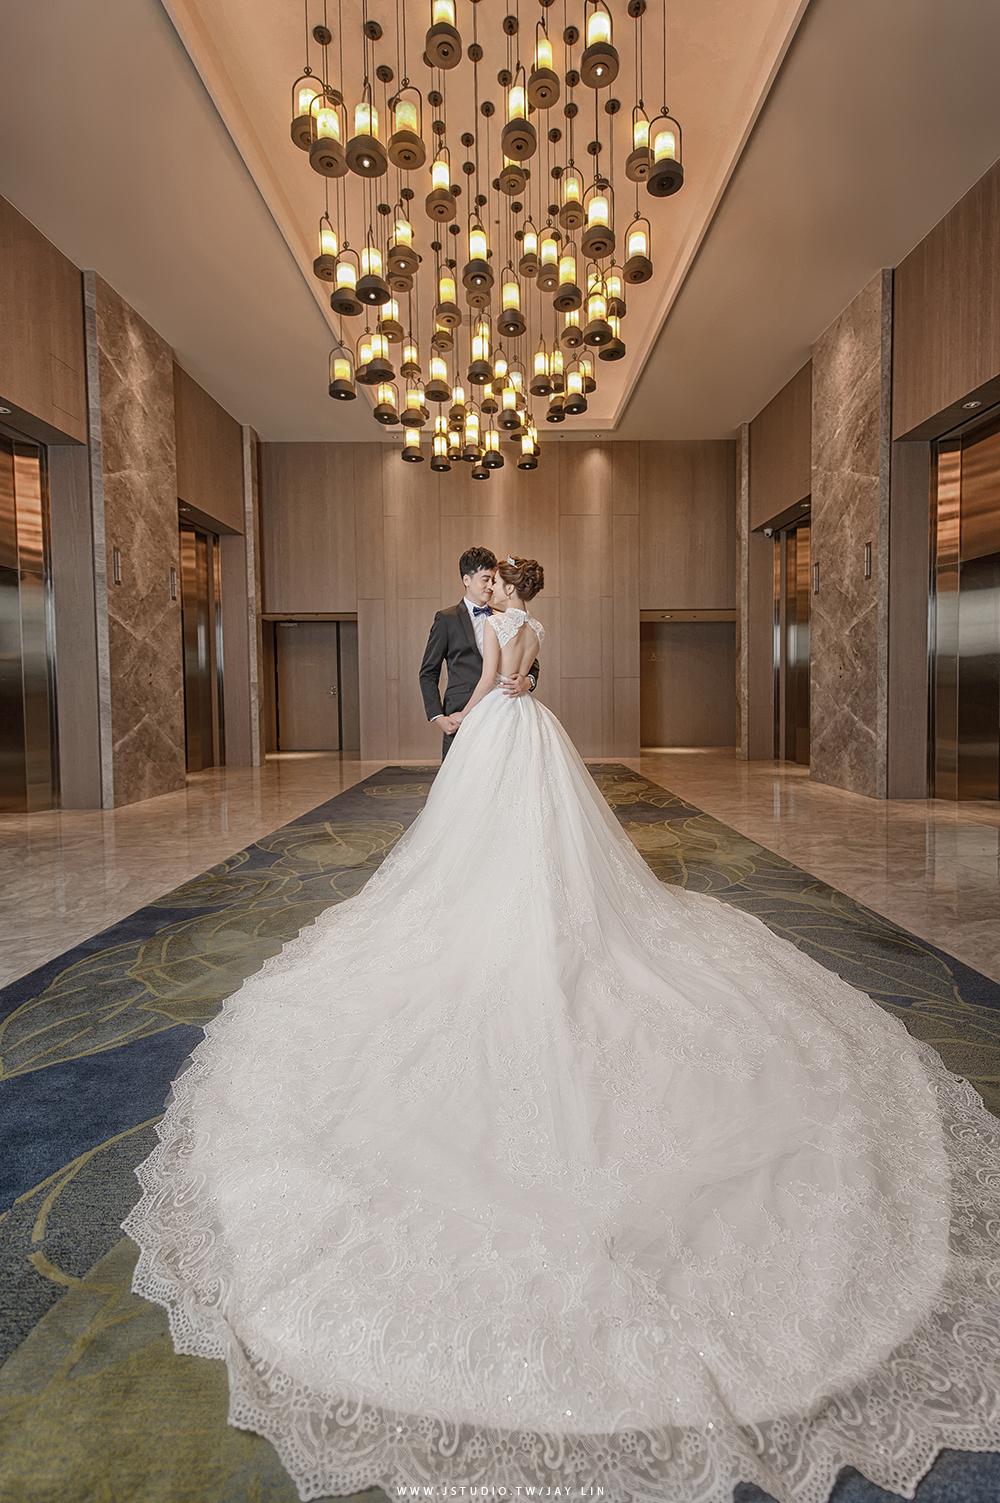 婚攝 台北婚攝 婚禮紀錄 婚攝 推薦婚攝 格萊天漾 JSTUDIO_0168